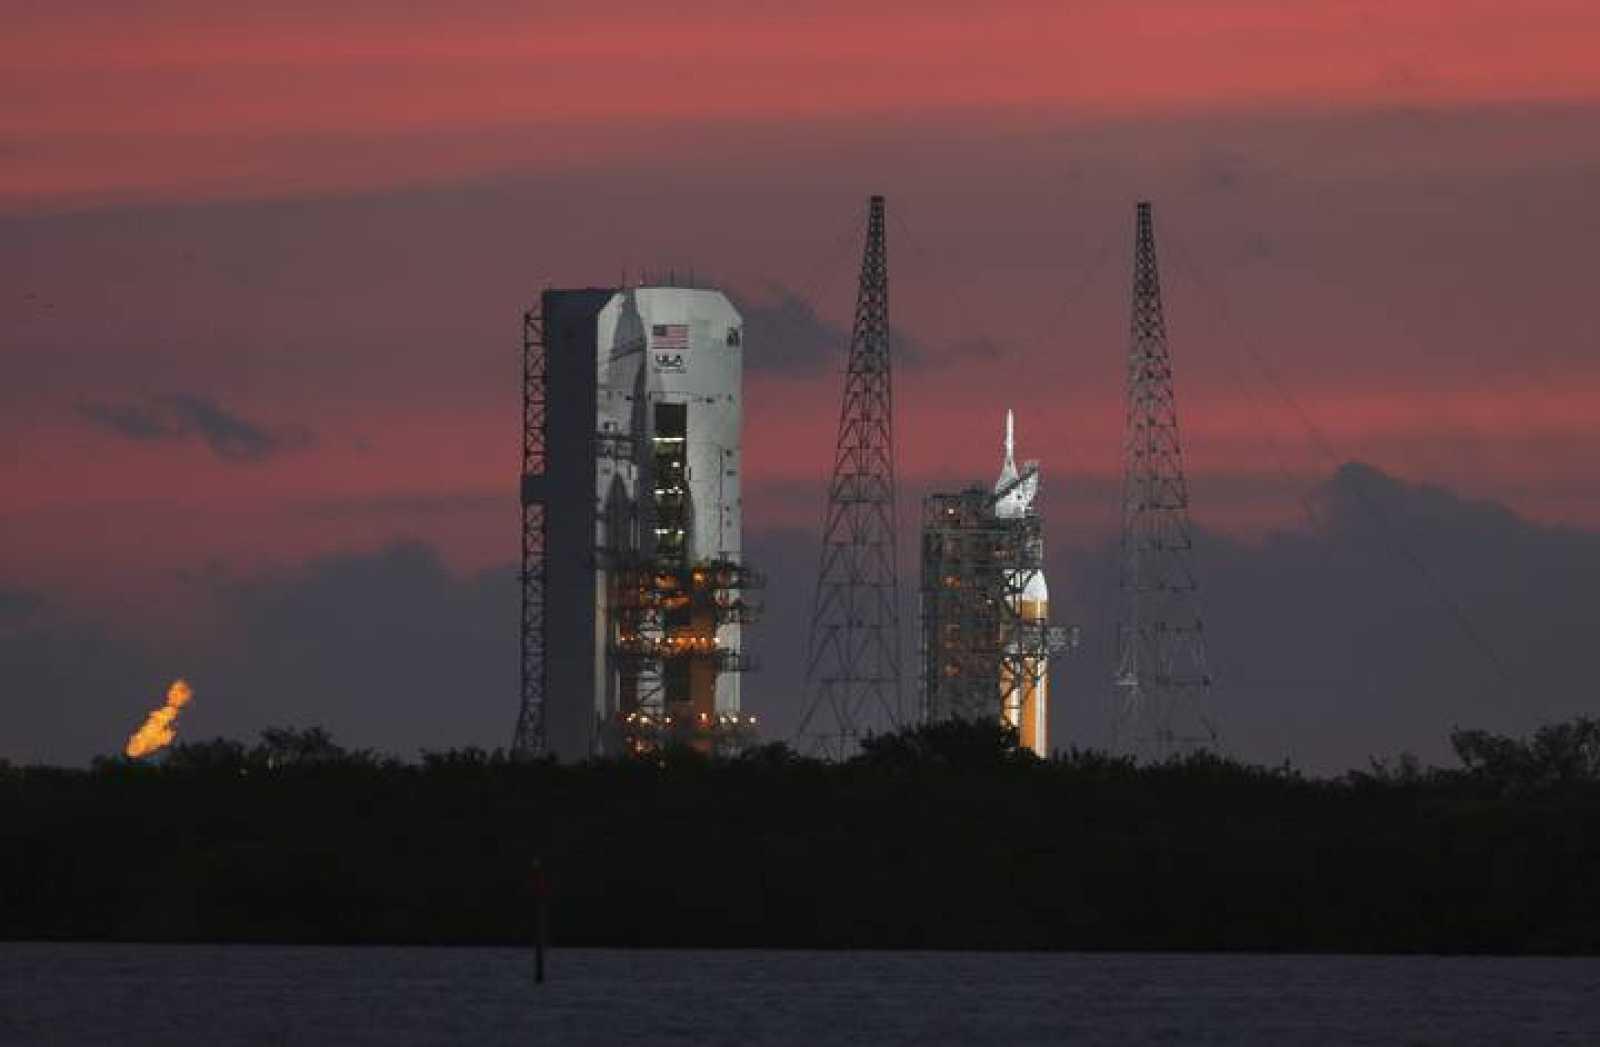 El cohete Delta IV Heavy, preparado para lanzarse mientras amanecía en Cabo Cañaveral.